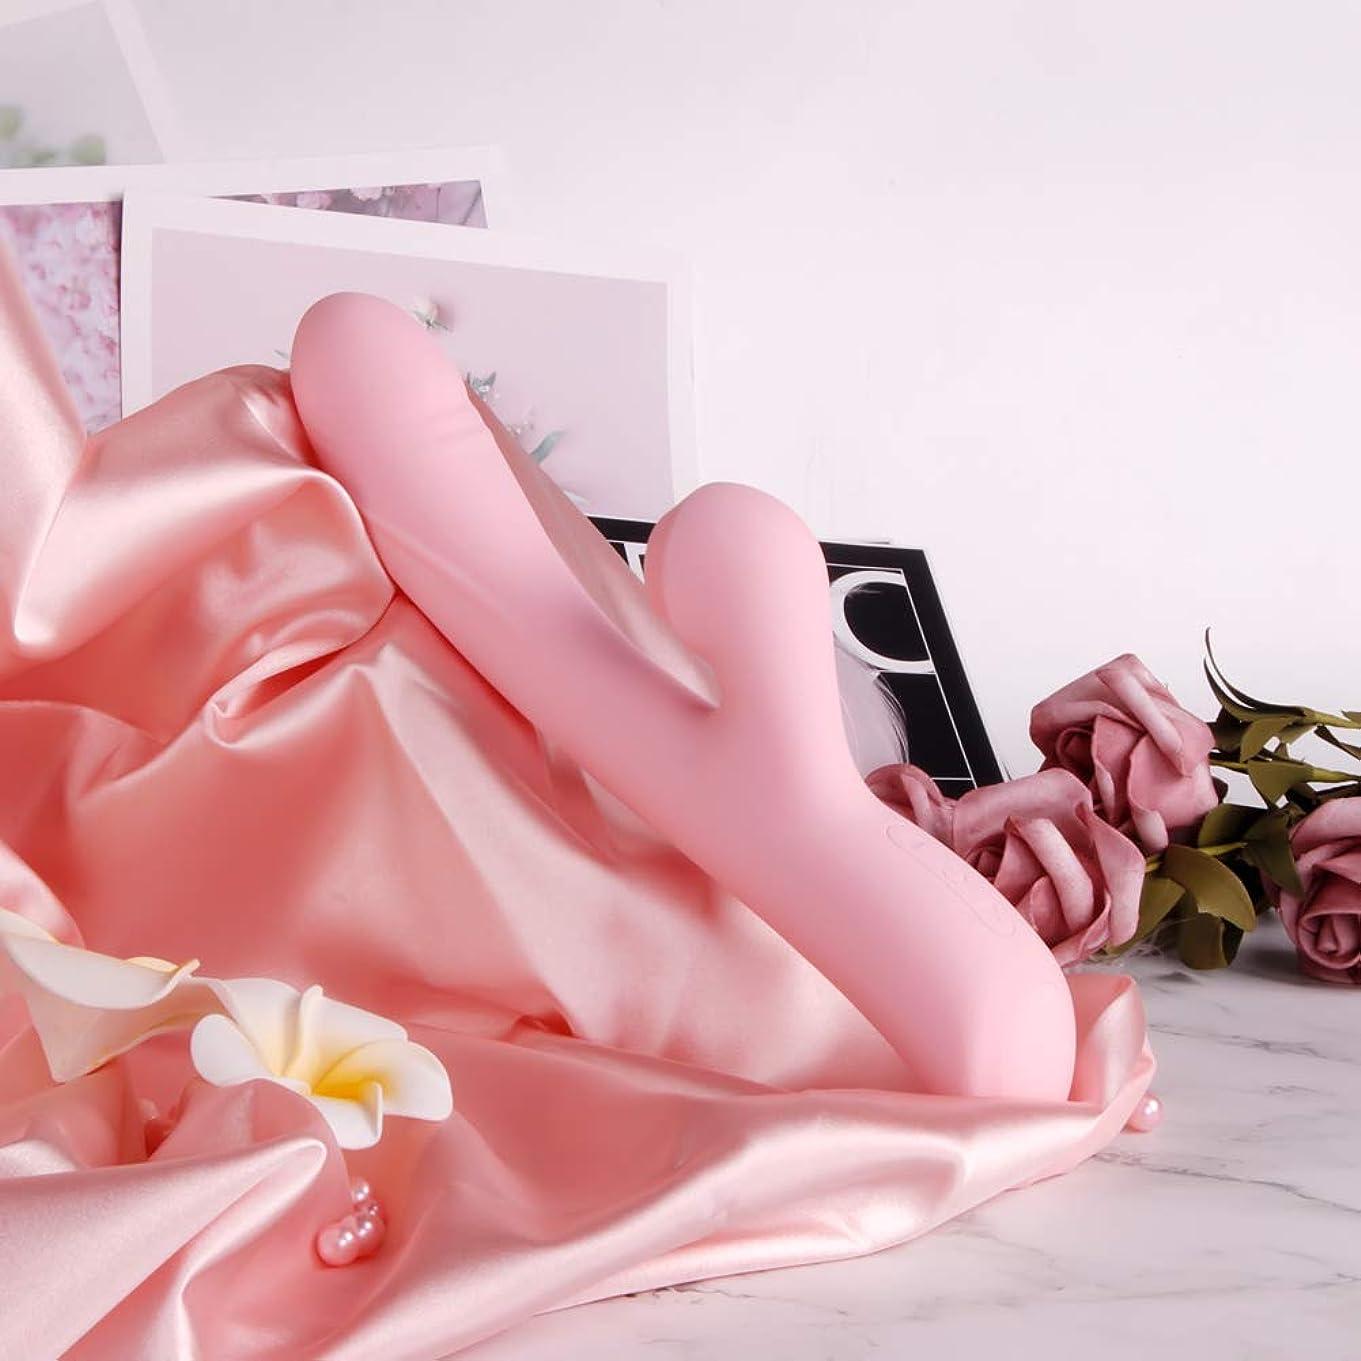 ベルはいライバル脚 マッサージ バイブレーターUSB充電式 AVマジック ワンドバイブレーター マッサージャー 大人のおもちゃ女性用 10スピード電動マッサージ器 42度加熱 自由に曲げられる (ピンク色)